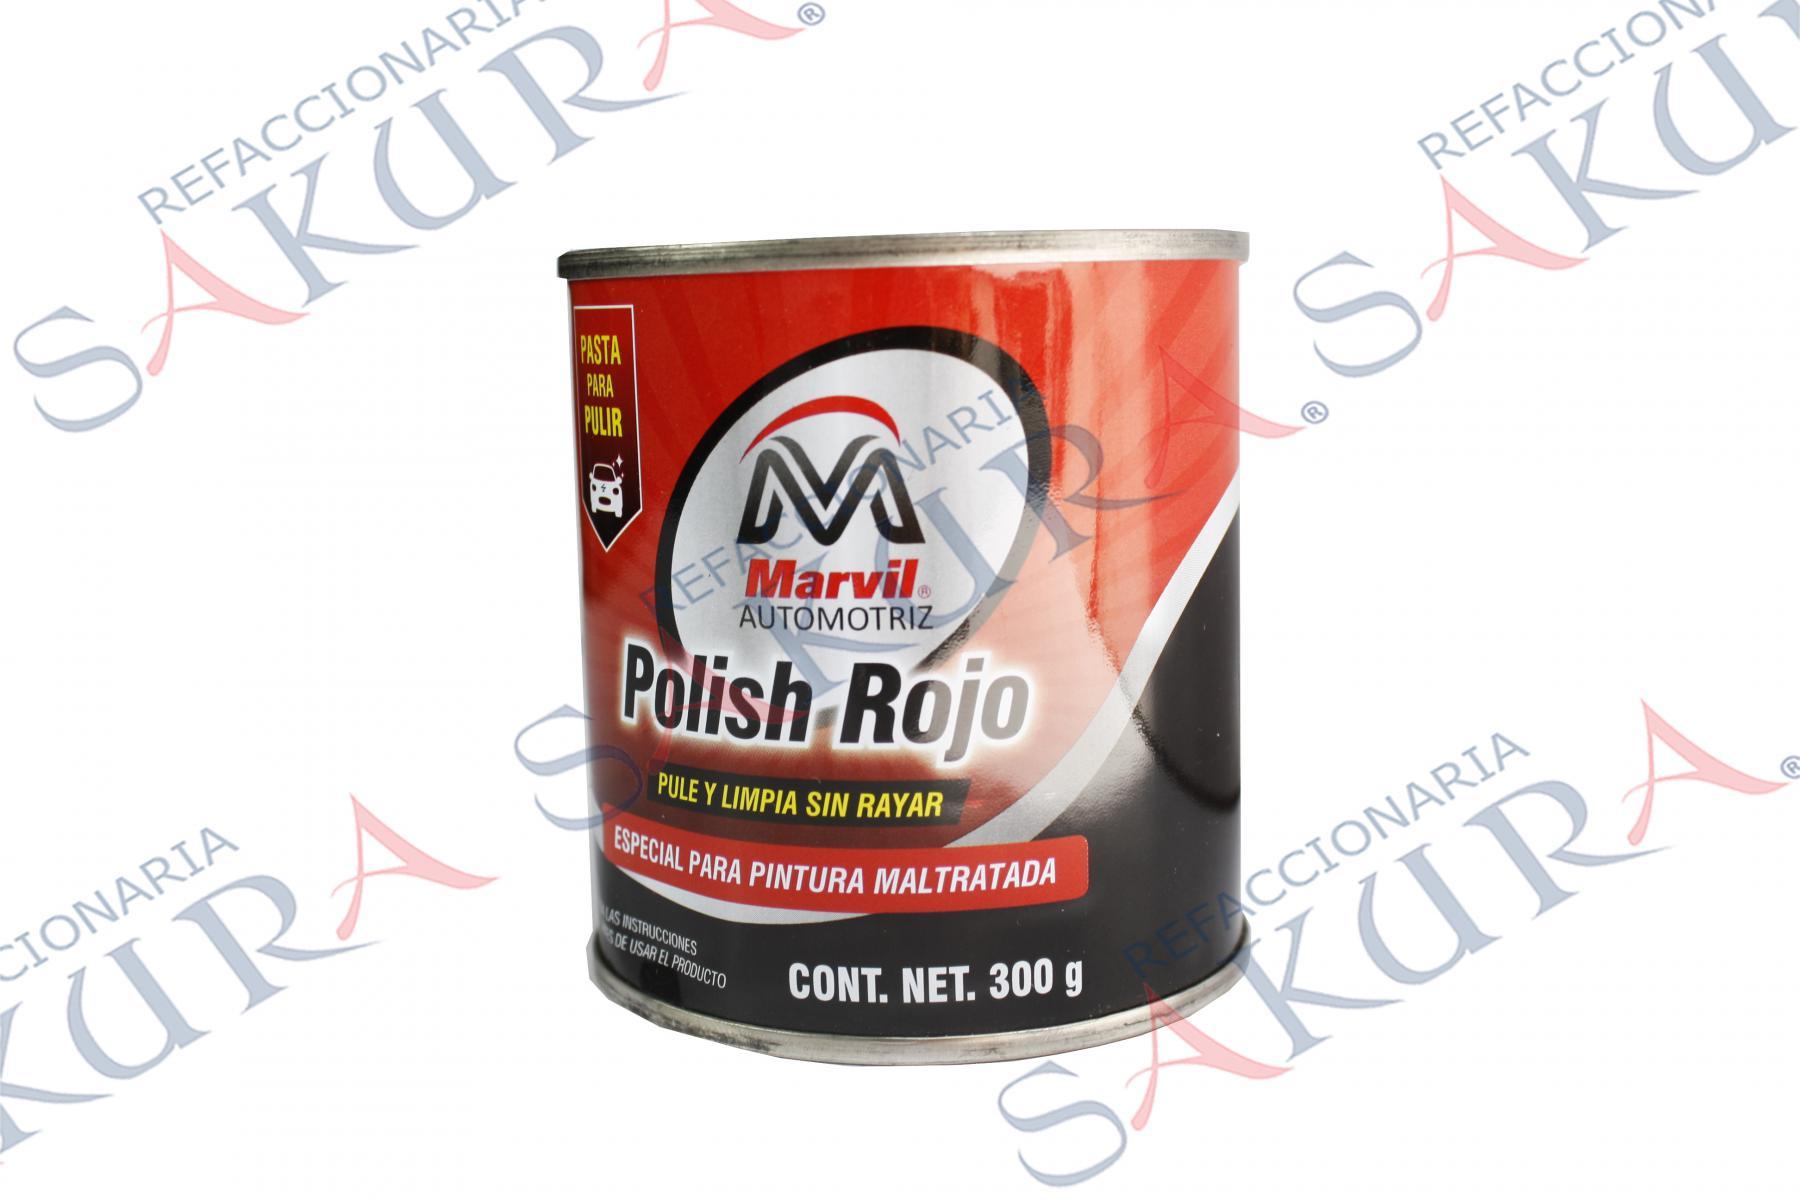 110218, Pasta Polish Rojo  (Marvil)